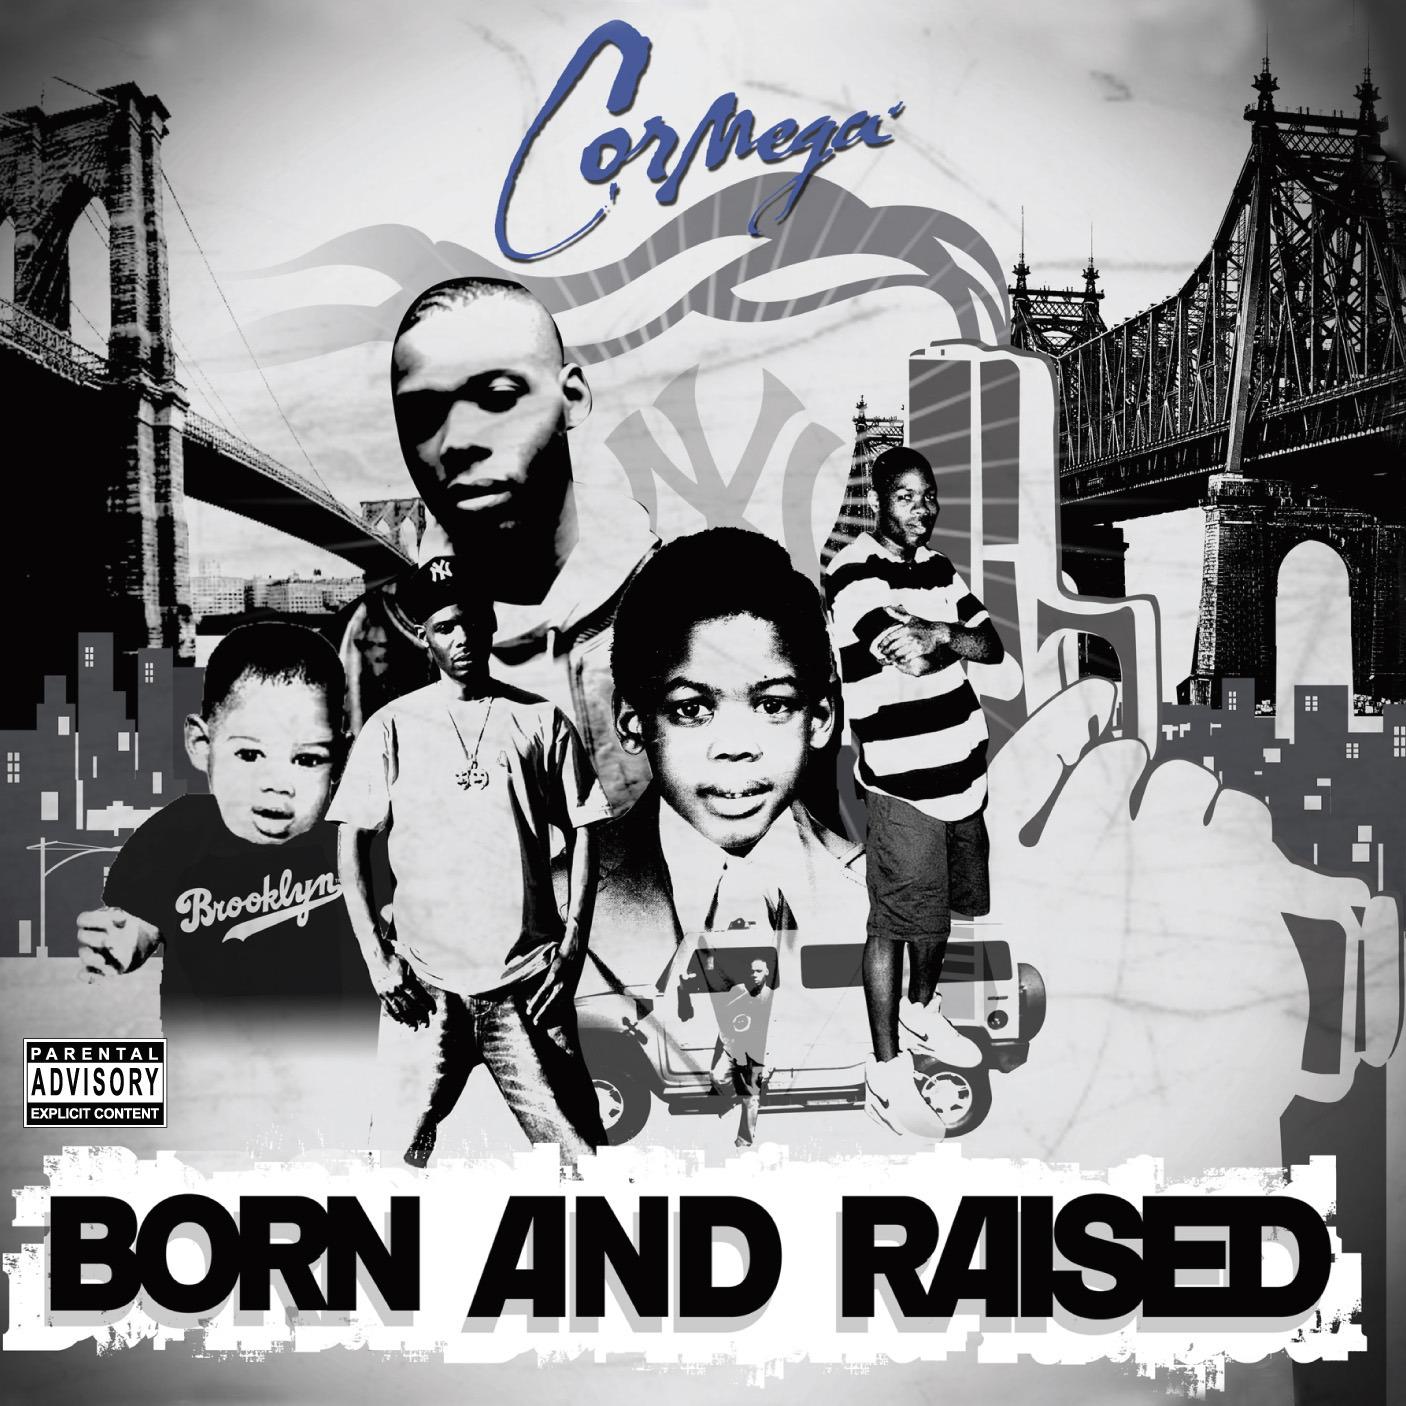 Cormega &#8211; <em>Born And Raised</em> (Album Cover &#038; Track List)